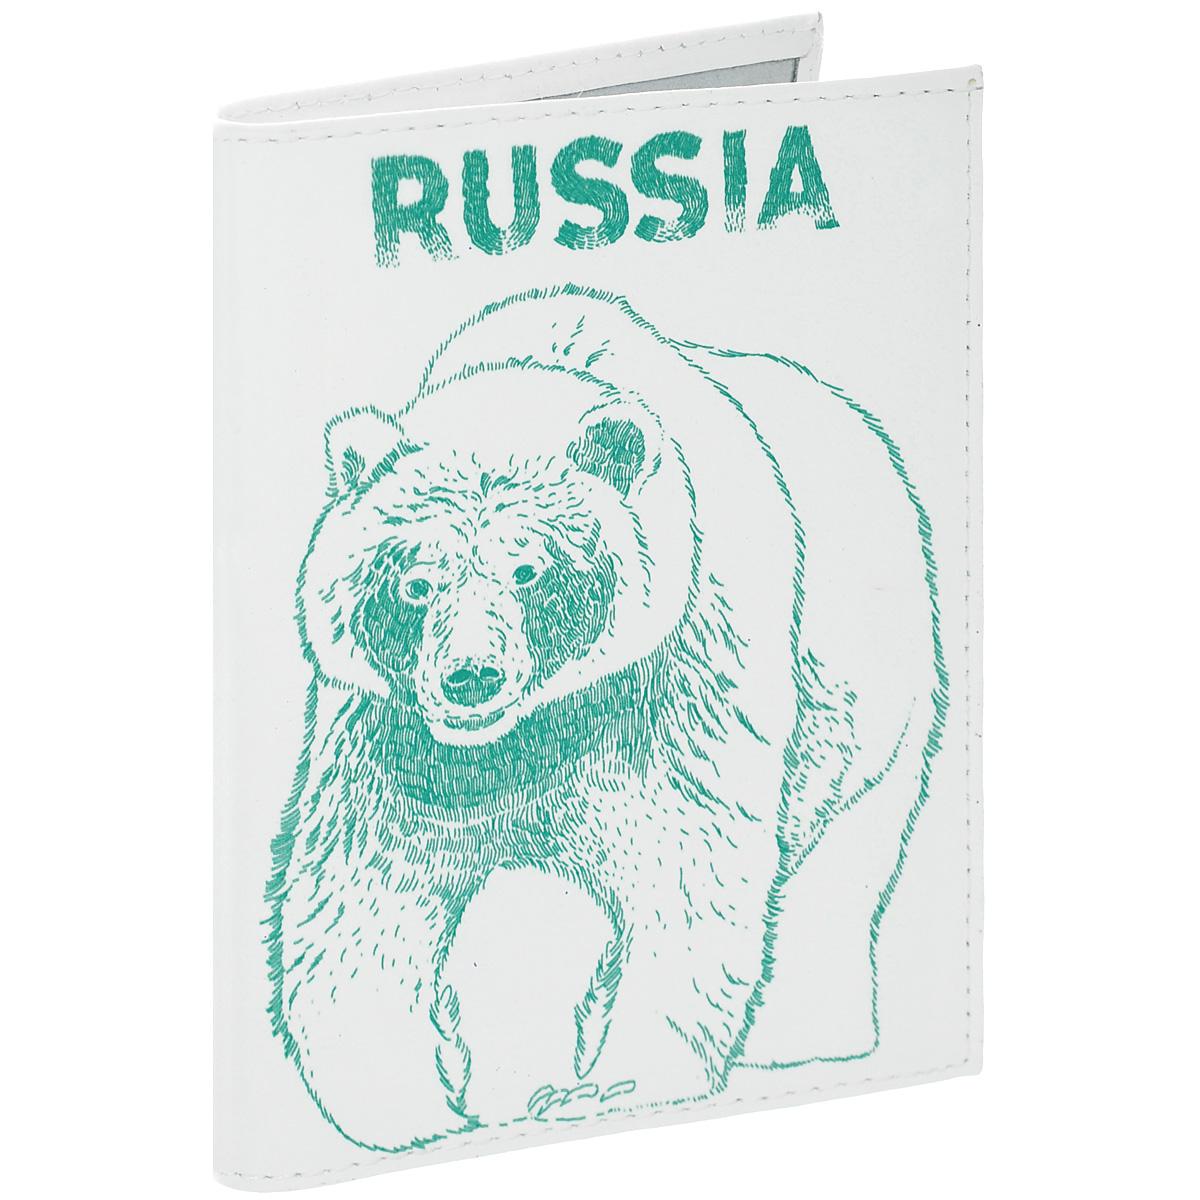 Обложка для автодокументов Медведь. AUTO301AUTO301Обложка для автодокументов Mitya Veselkov Медведь изготовлена из натуральной высококачественной кожи и оформлена изображением медведя и надписью Russia. На внутреннем развороте имеются съемный блок из шести прозрачных файлов из мягкого пластика для водительских документов, а также два боковых кармашка для визиток или банковских карт. Стильная обложка не только поможет сохранить внешний вид ваших документов и защитить их от грязи и пыли, но и станет аксессуаром, который подчеркнет вашу яркую индивидуальность.